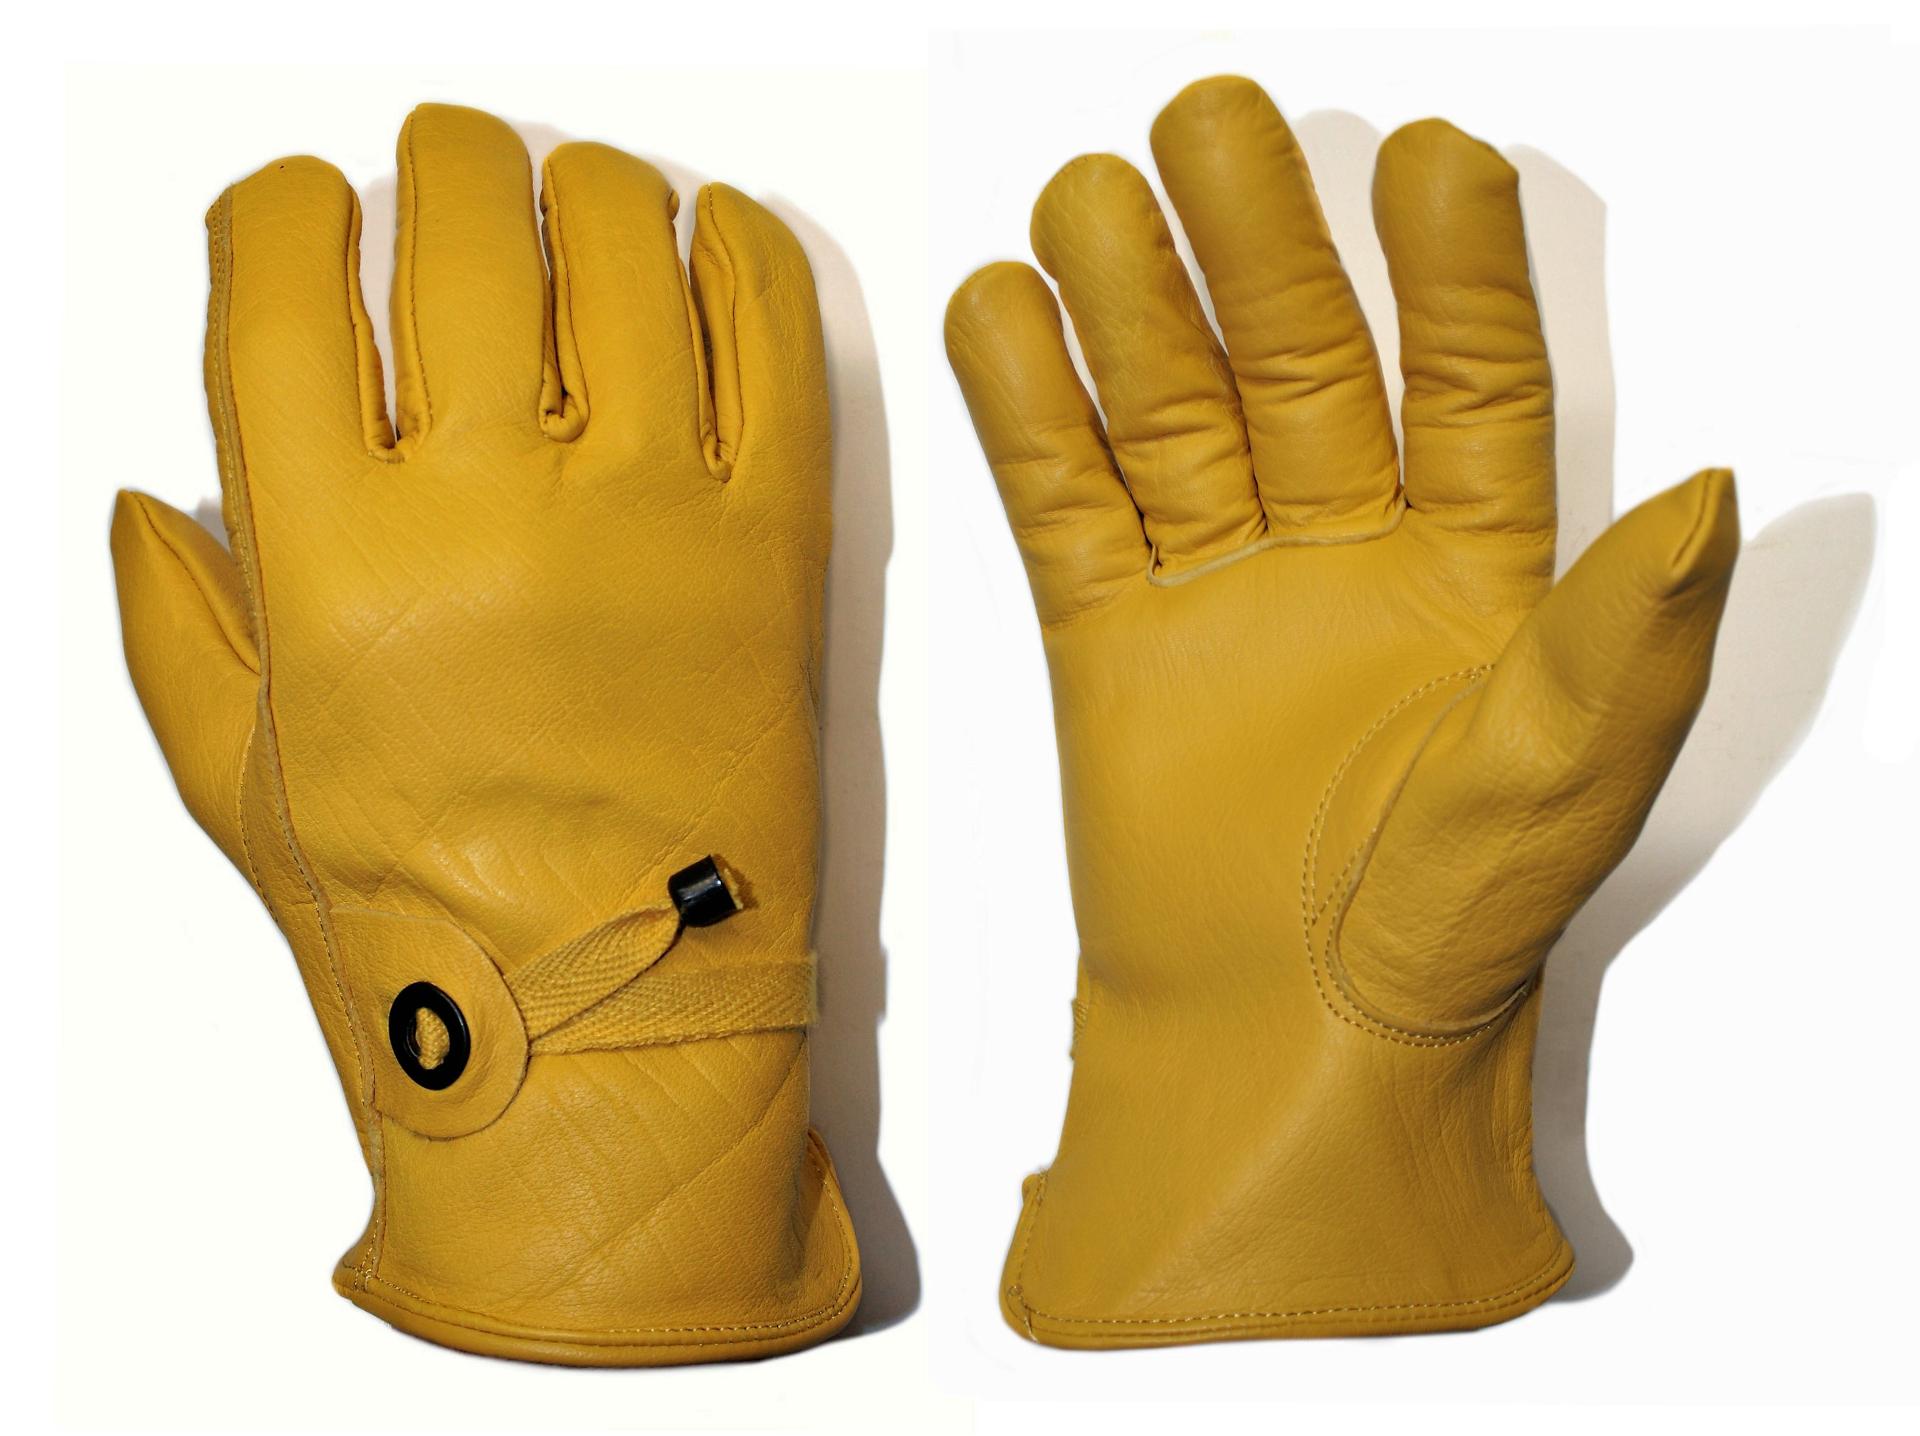 gelb Leder Handschuhe Leder-Arbeitshandschuhe Arbeitshandschuhe ungefüttert